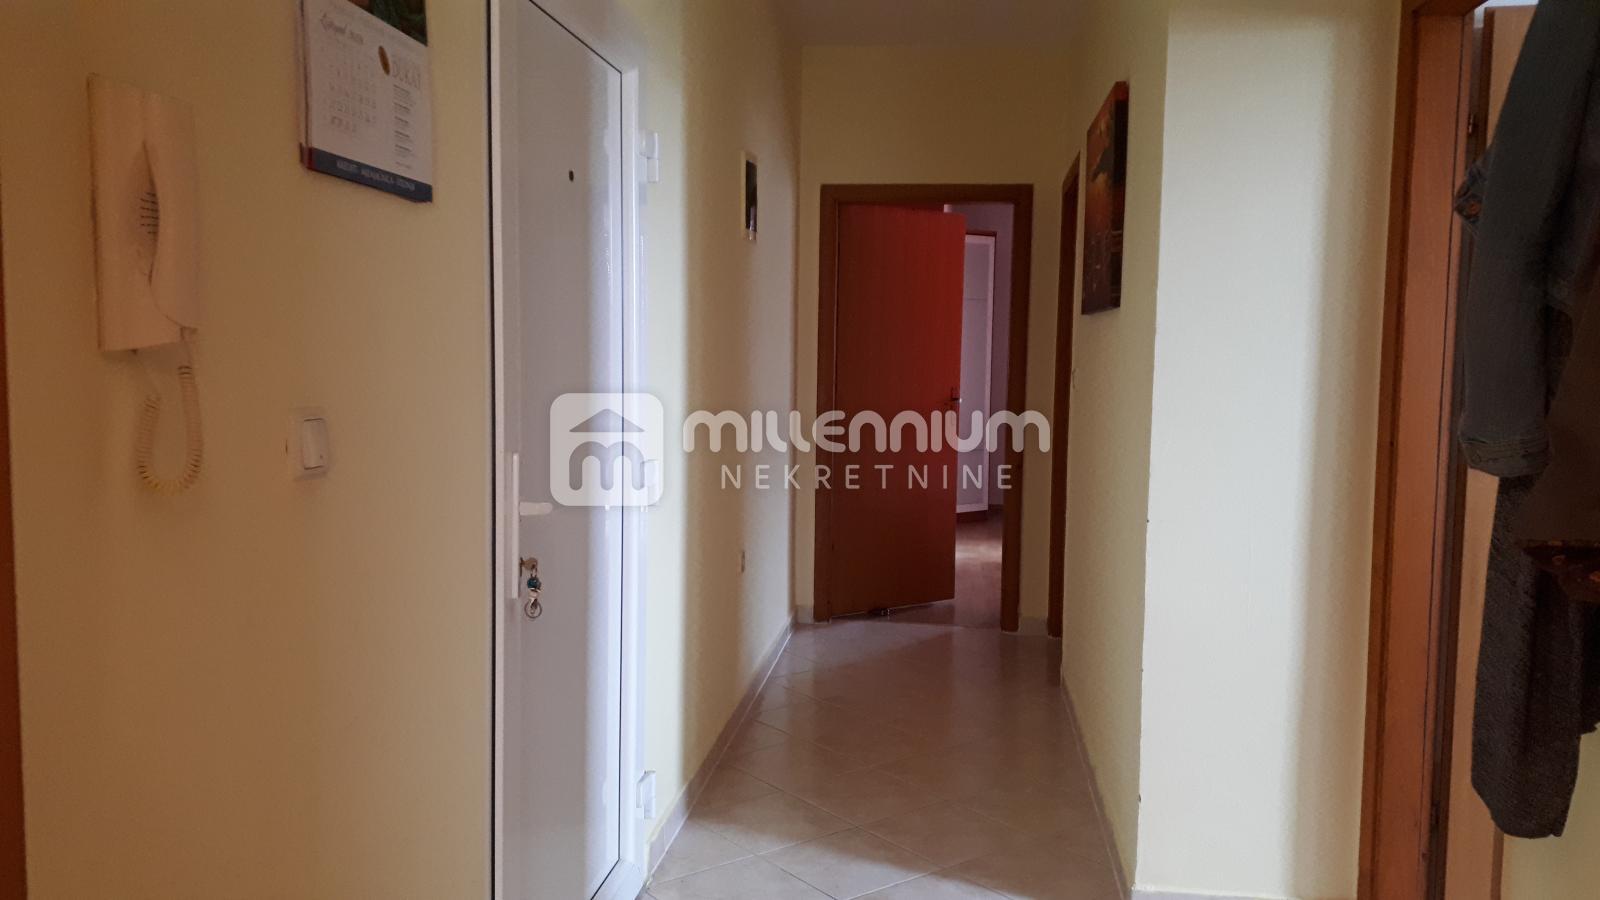 Viškovo, 75m2, 2-sobni stan s db, dvije lođe